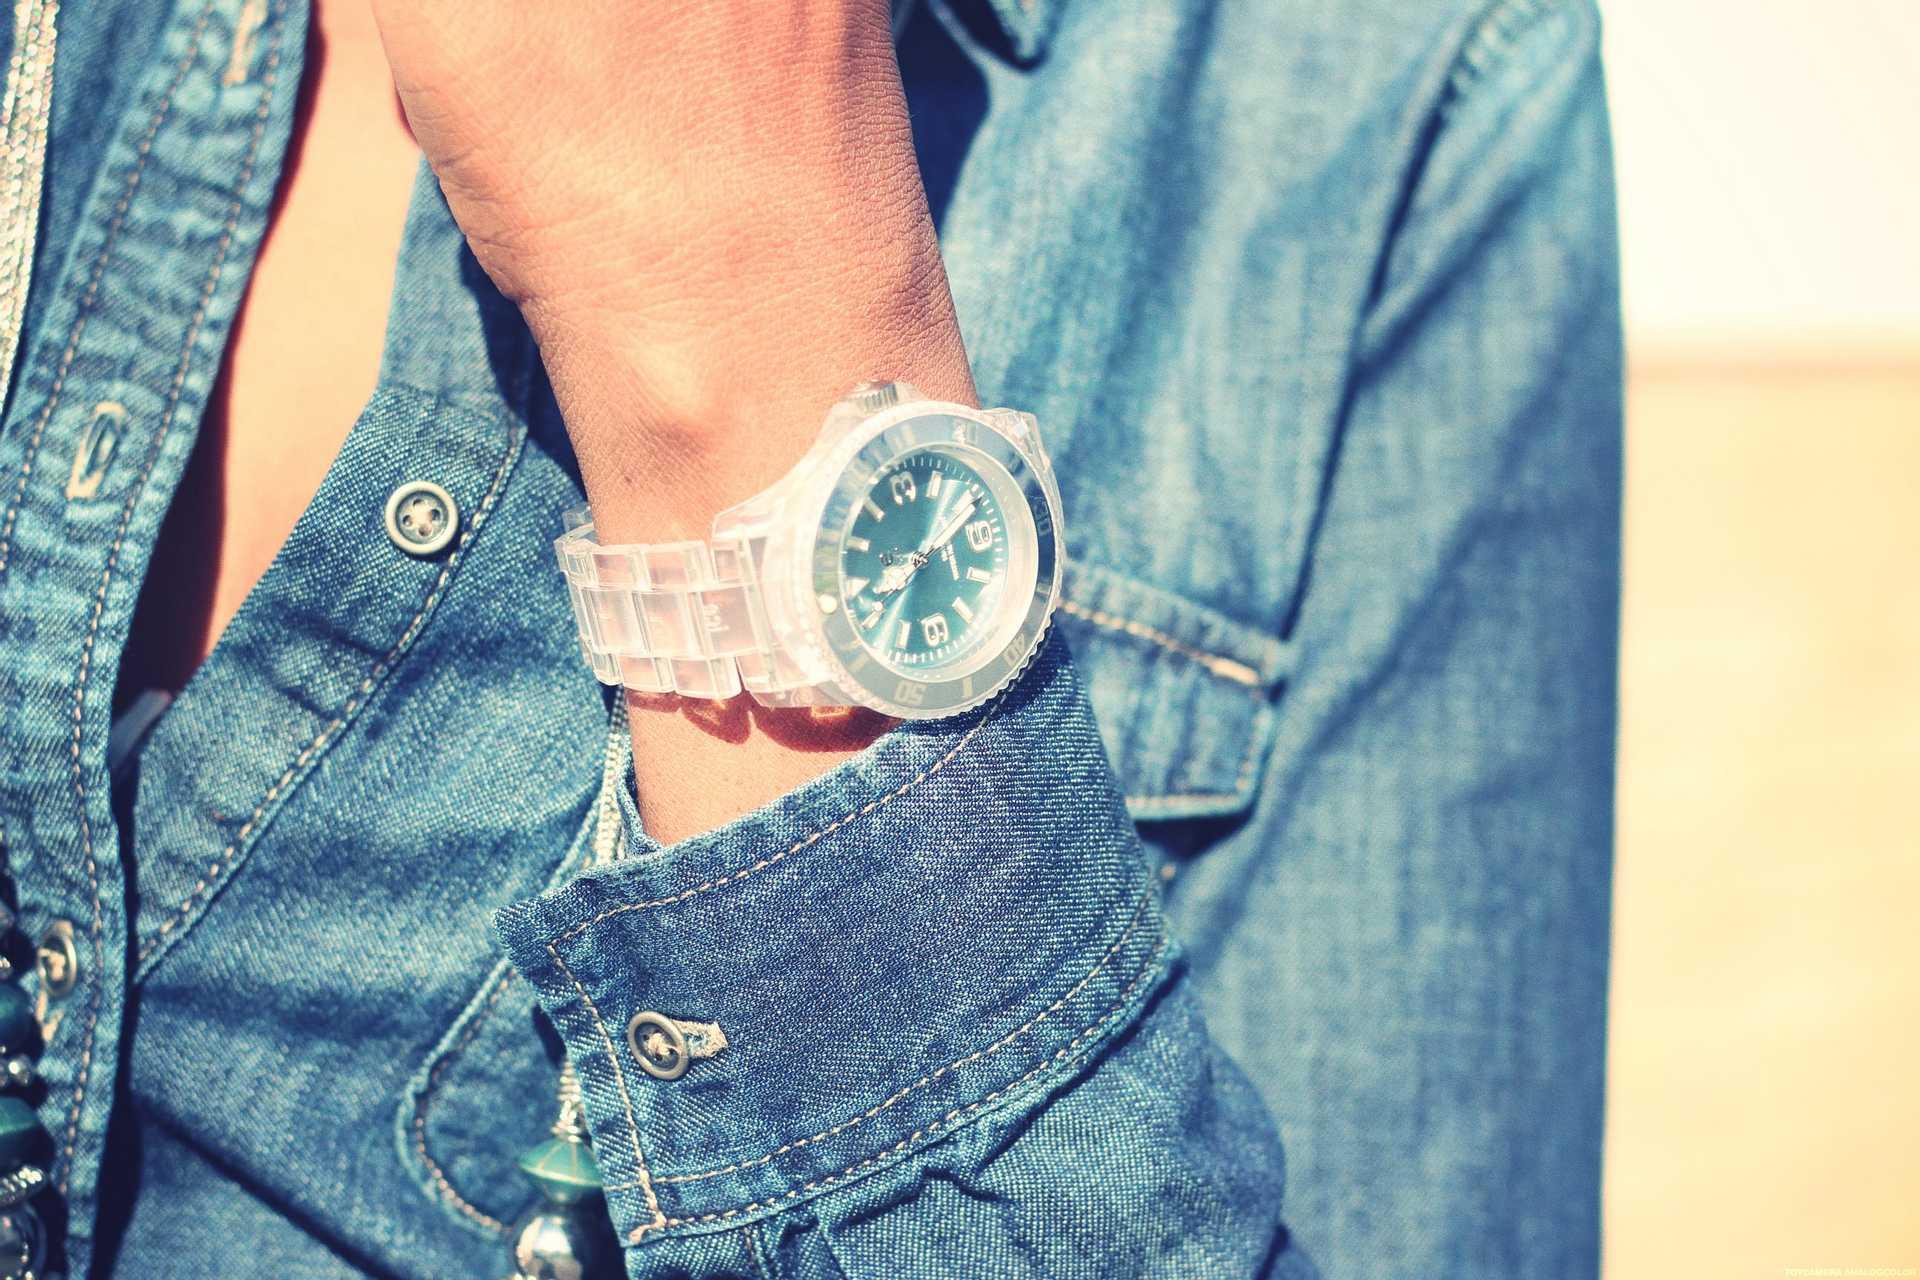 Denim shirt + Ice Watch